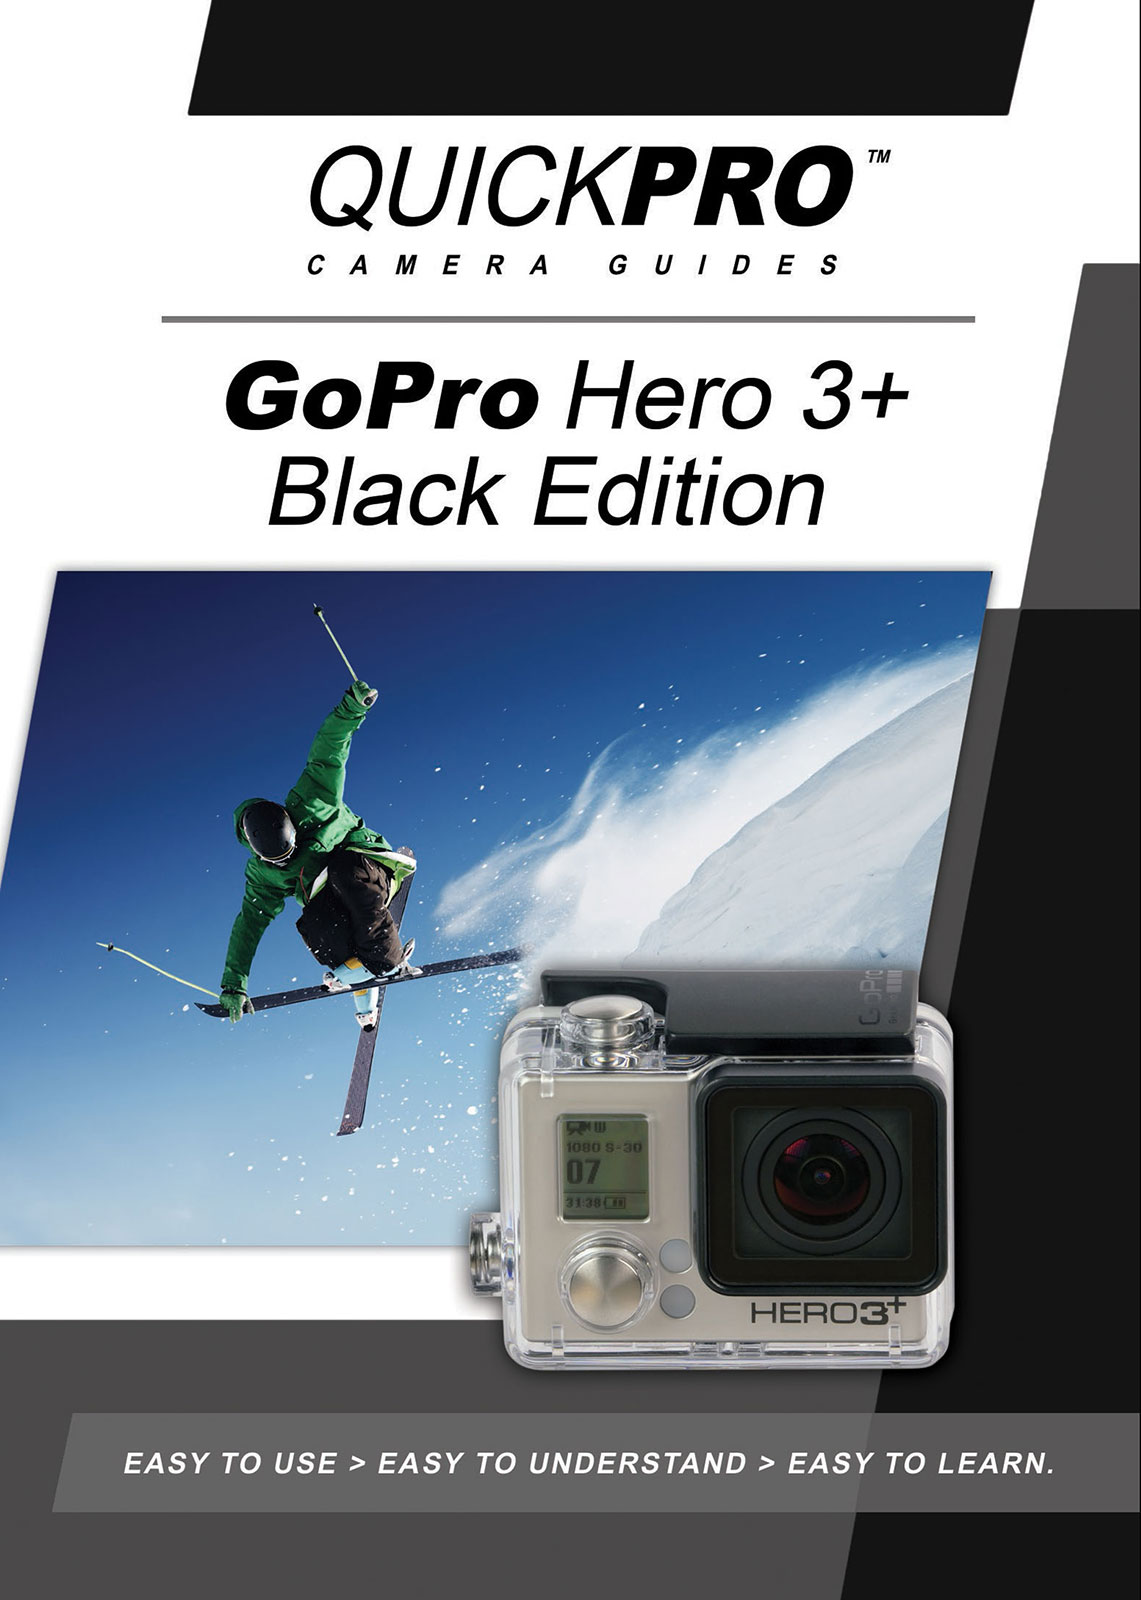 gopro hero 3 black edition instructional slr video guide. Black Bedroom Furniture Sets. Home Design Ideas